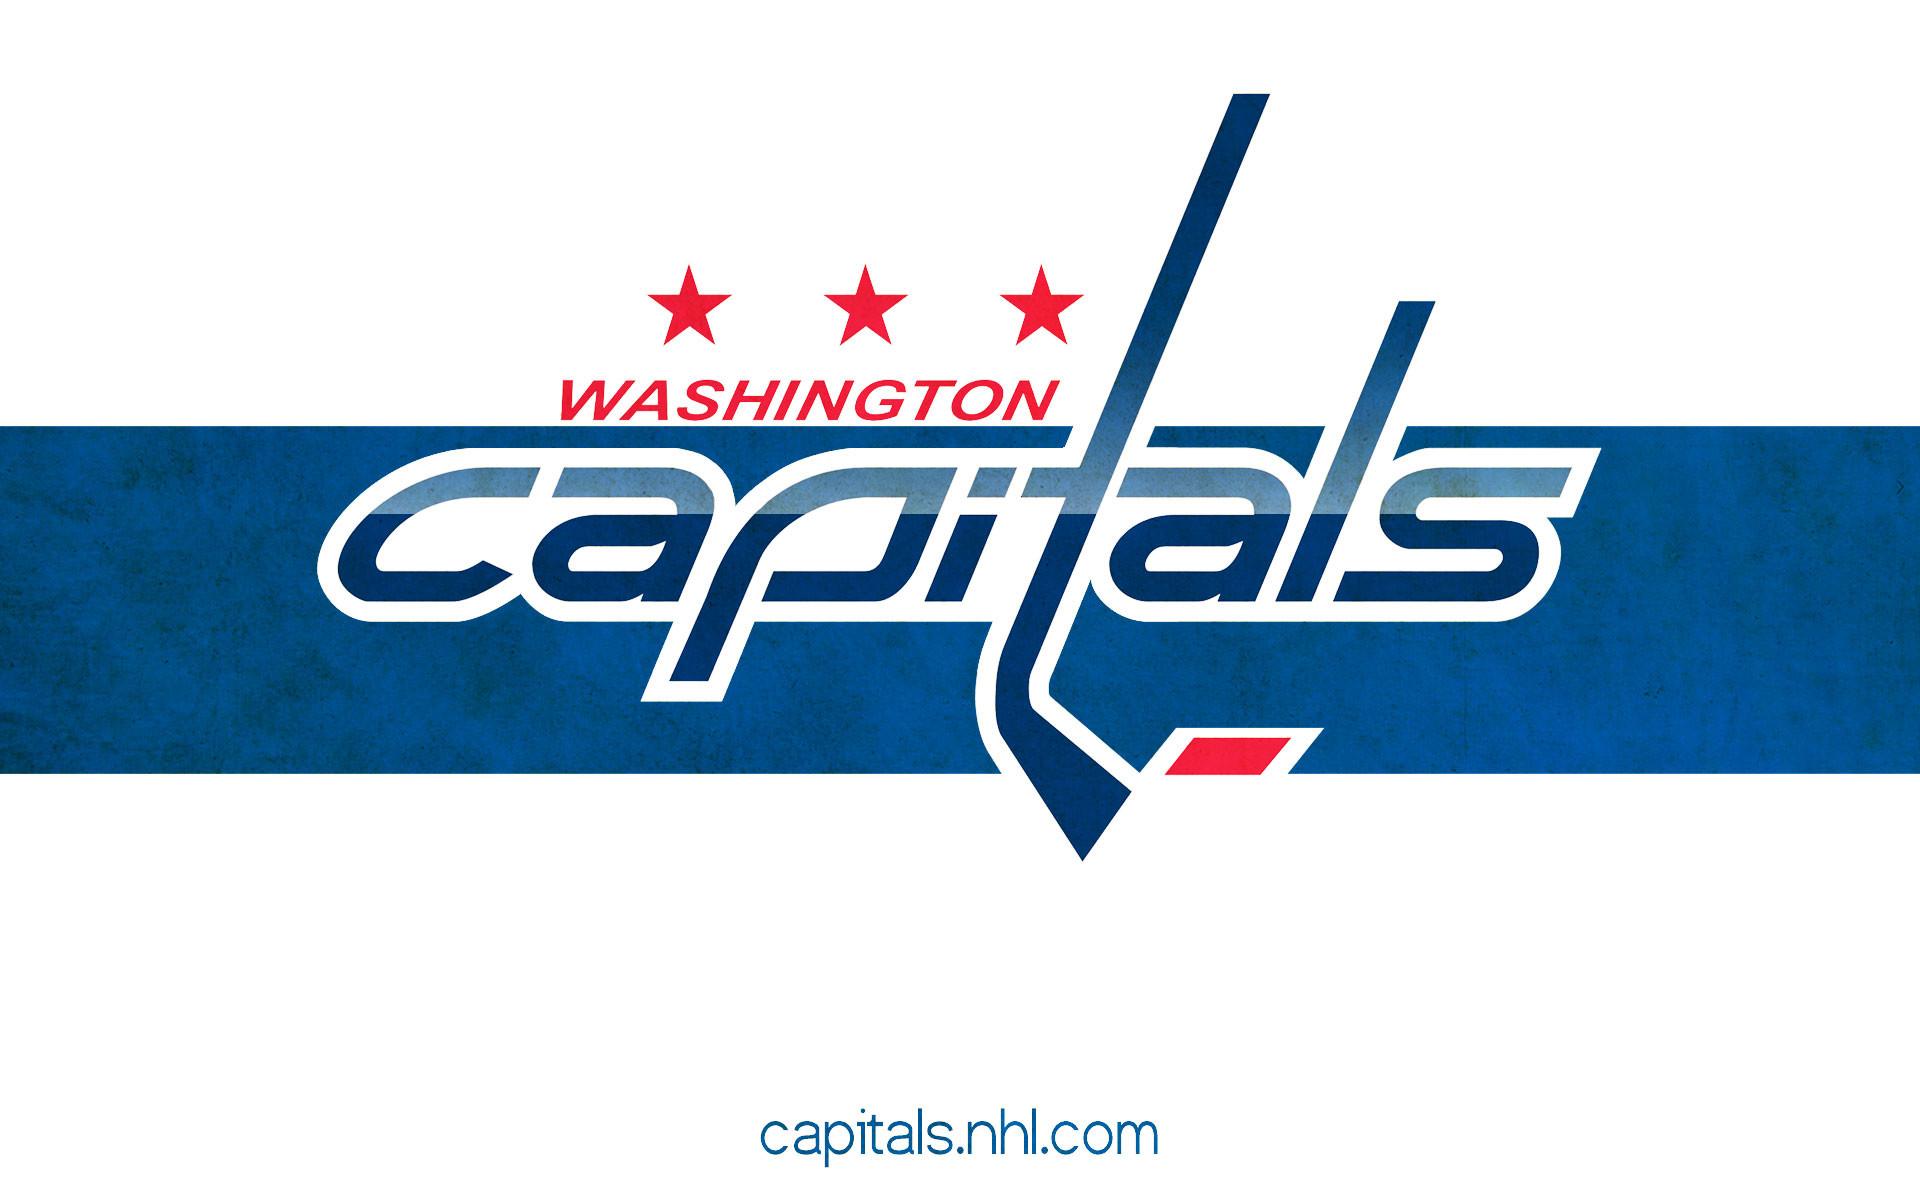 NHL Wallpapers – Washington Capitals Logo wallpaper